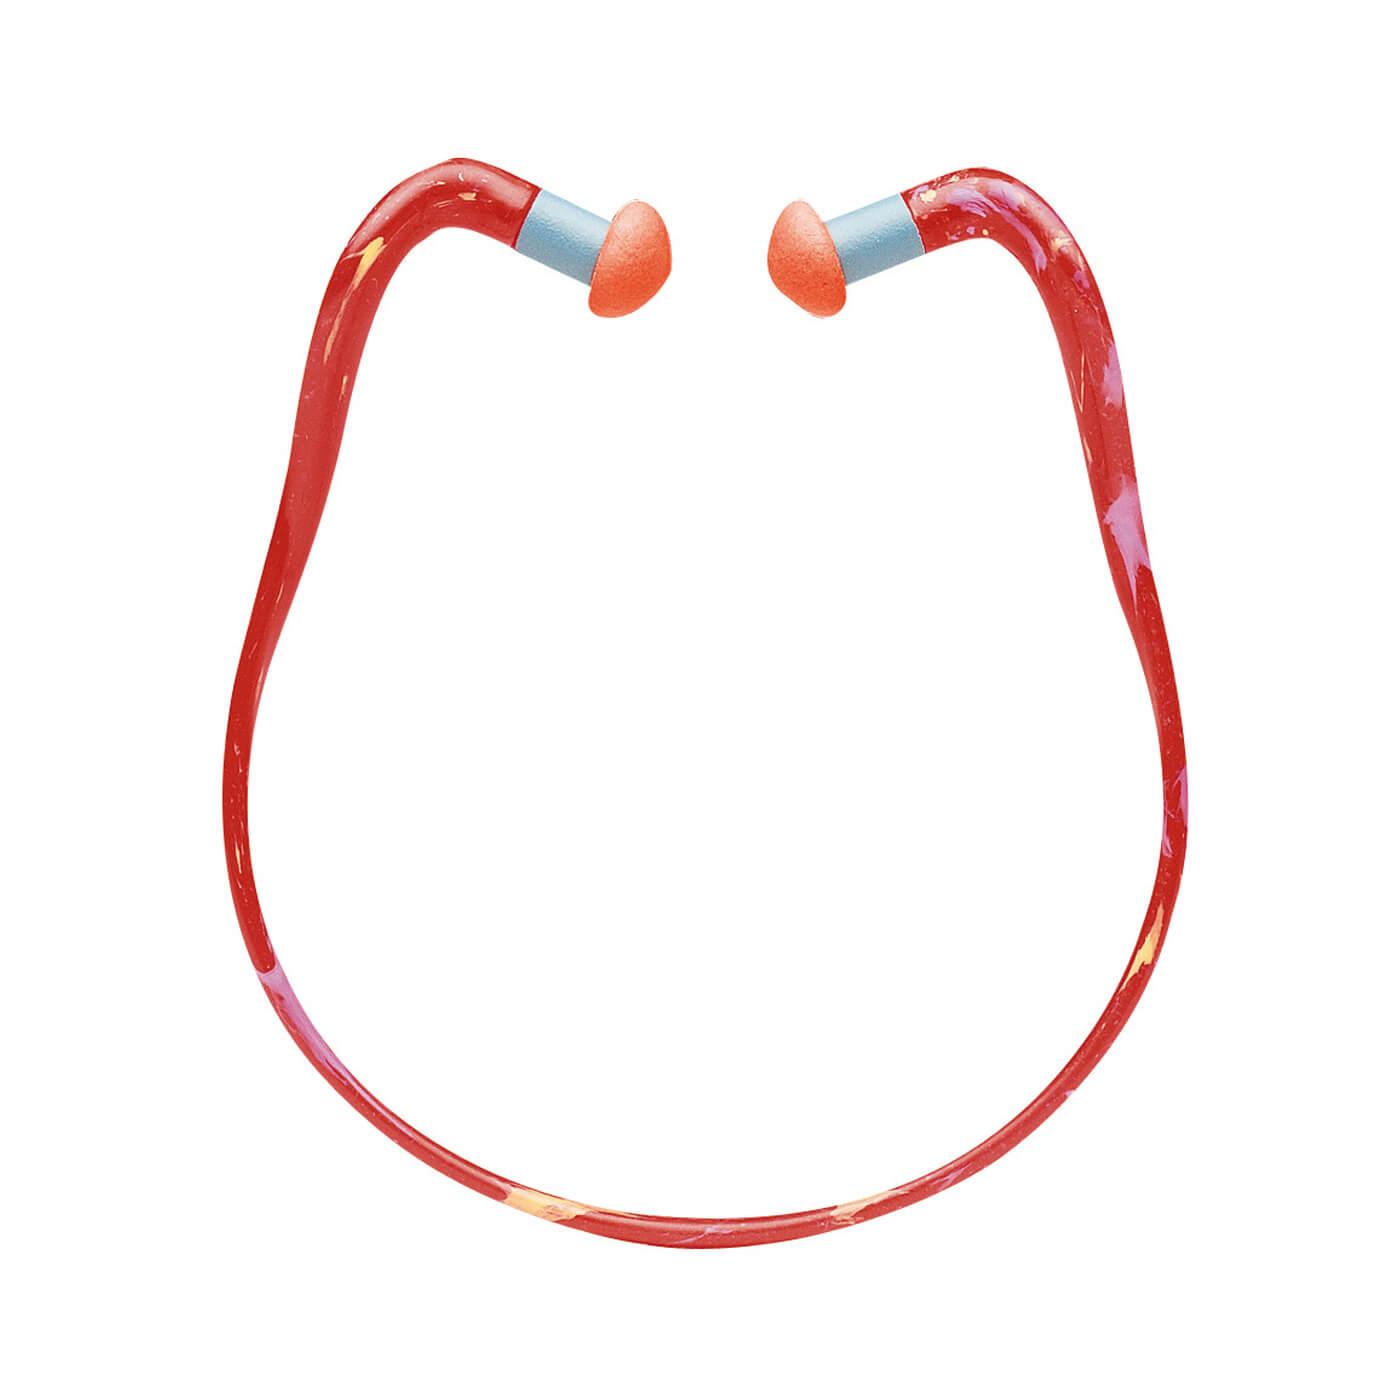 Ochronne wkładki do uszu QB3 HYG Howard Leight